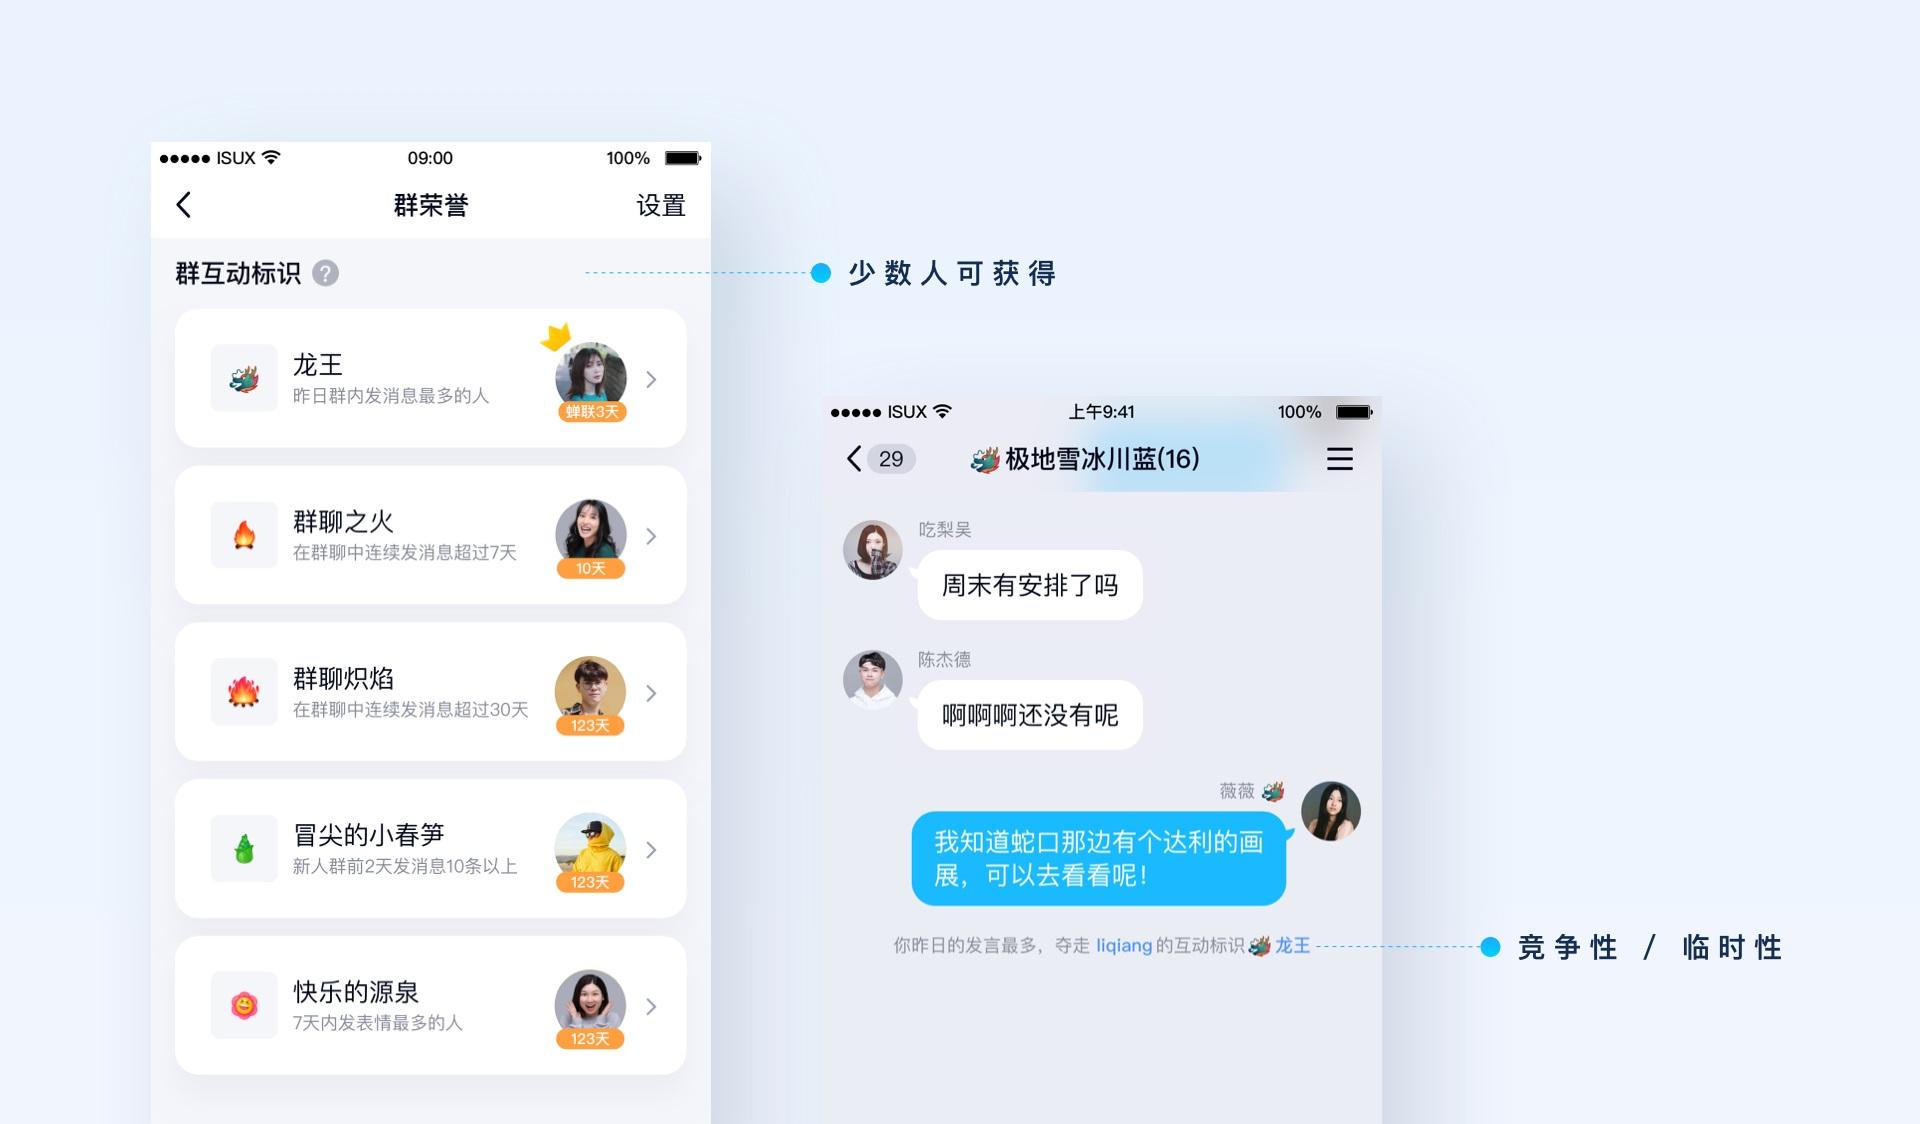 社交体验实战案例!亿万人在用的QQ群是如何做好设计的?